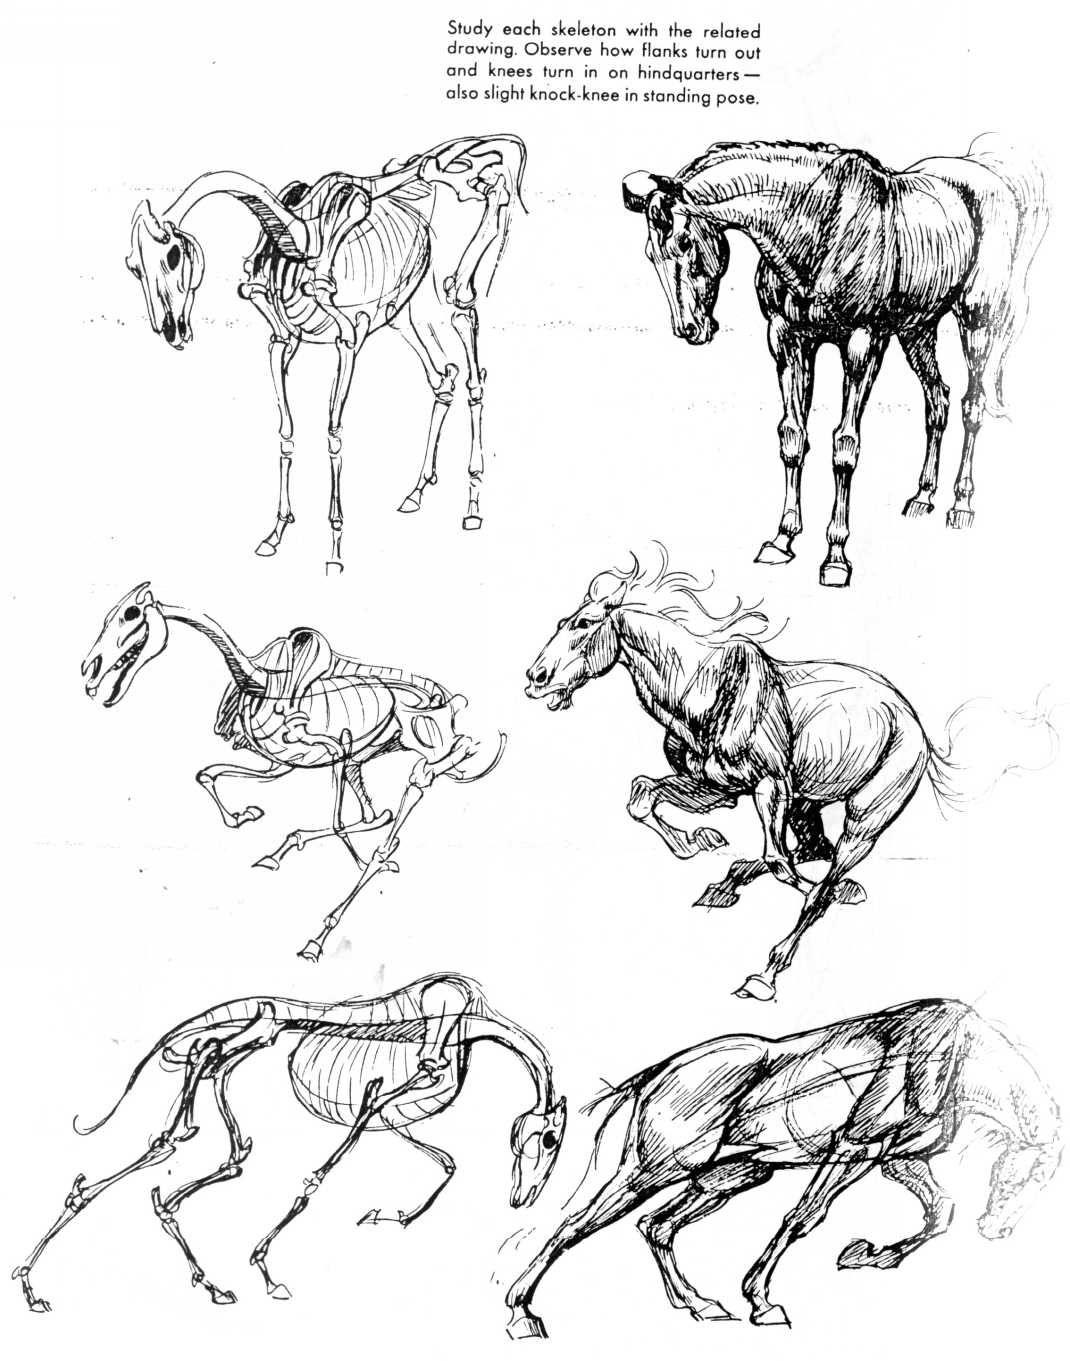 anatomia de un caballo | Caballos | Pinterest | Anatomía, Caballos y ...